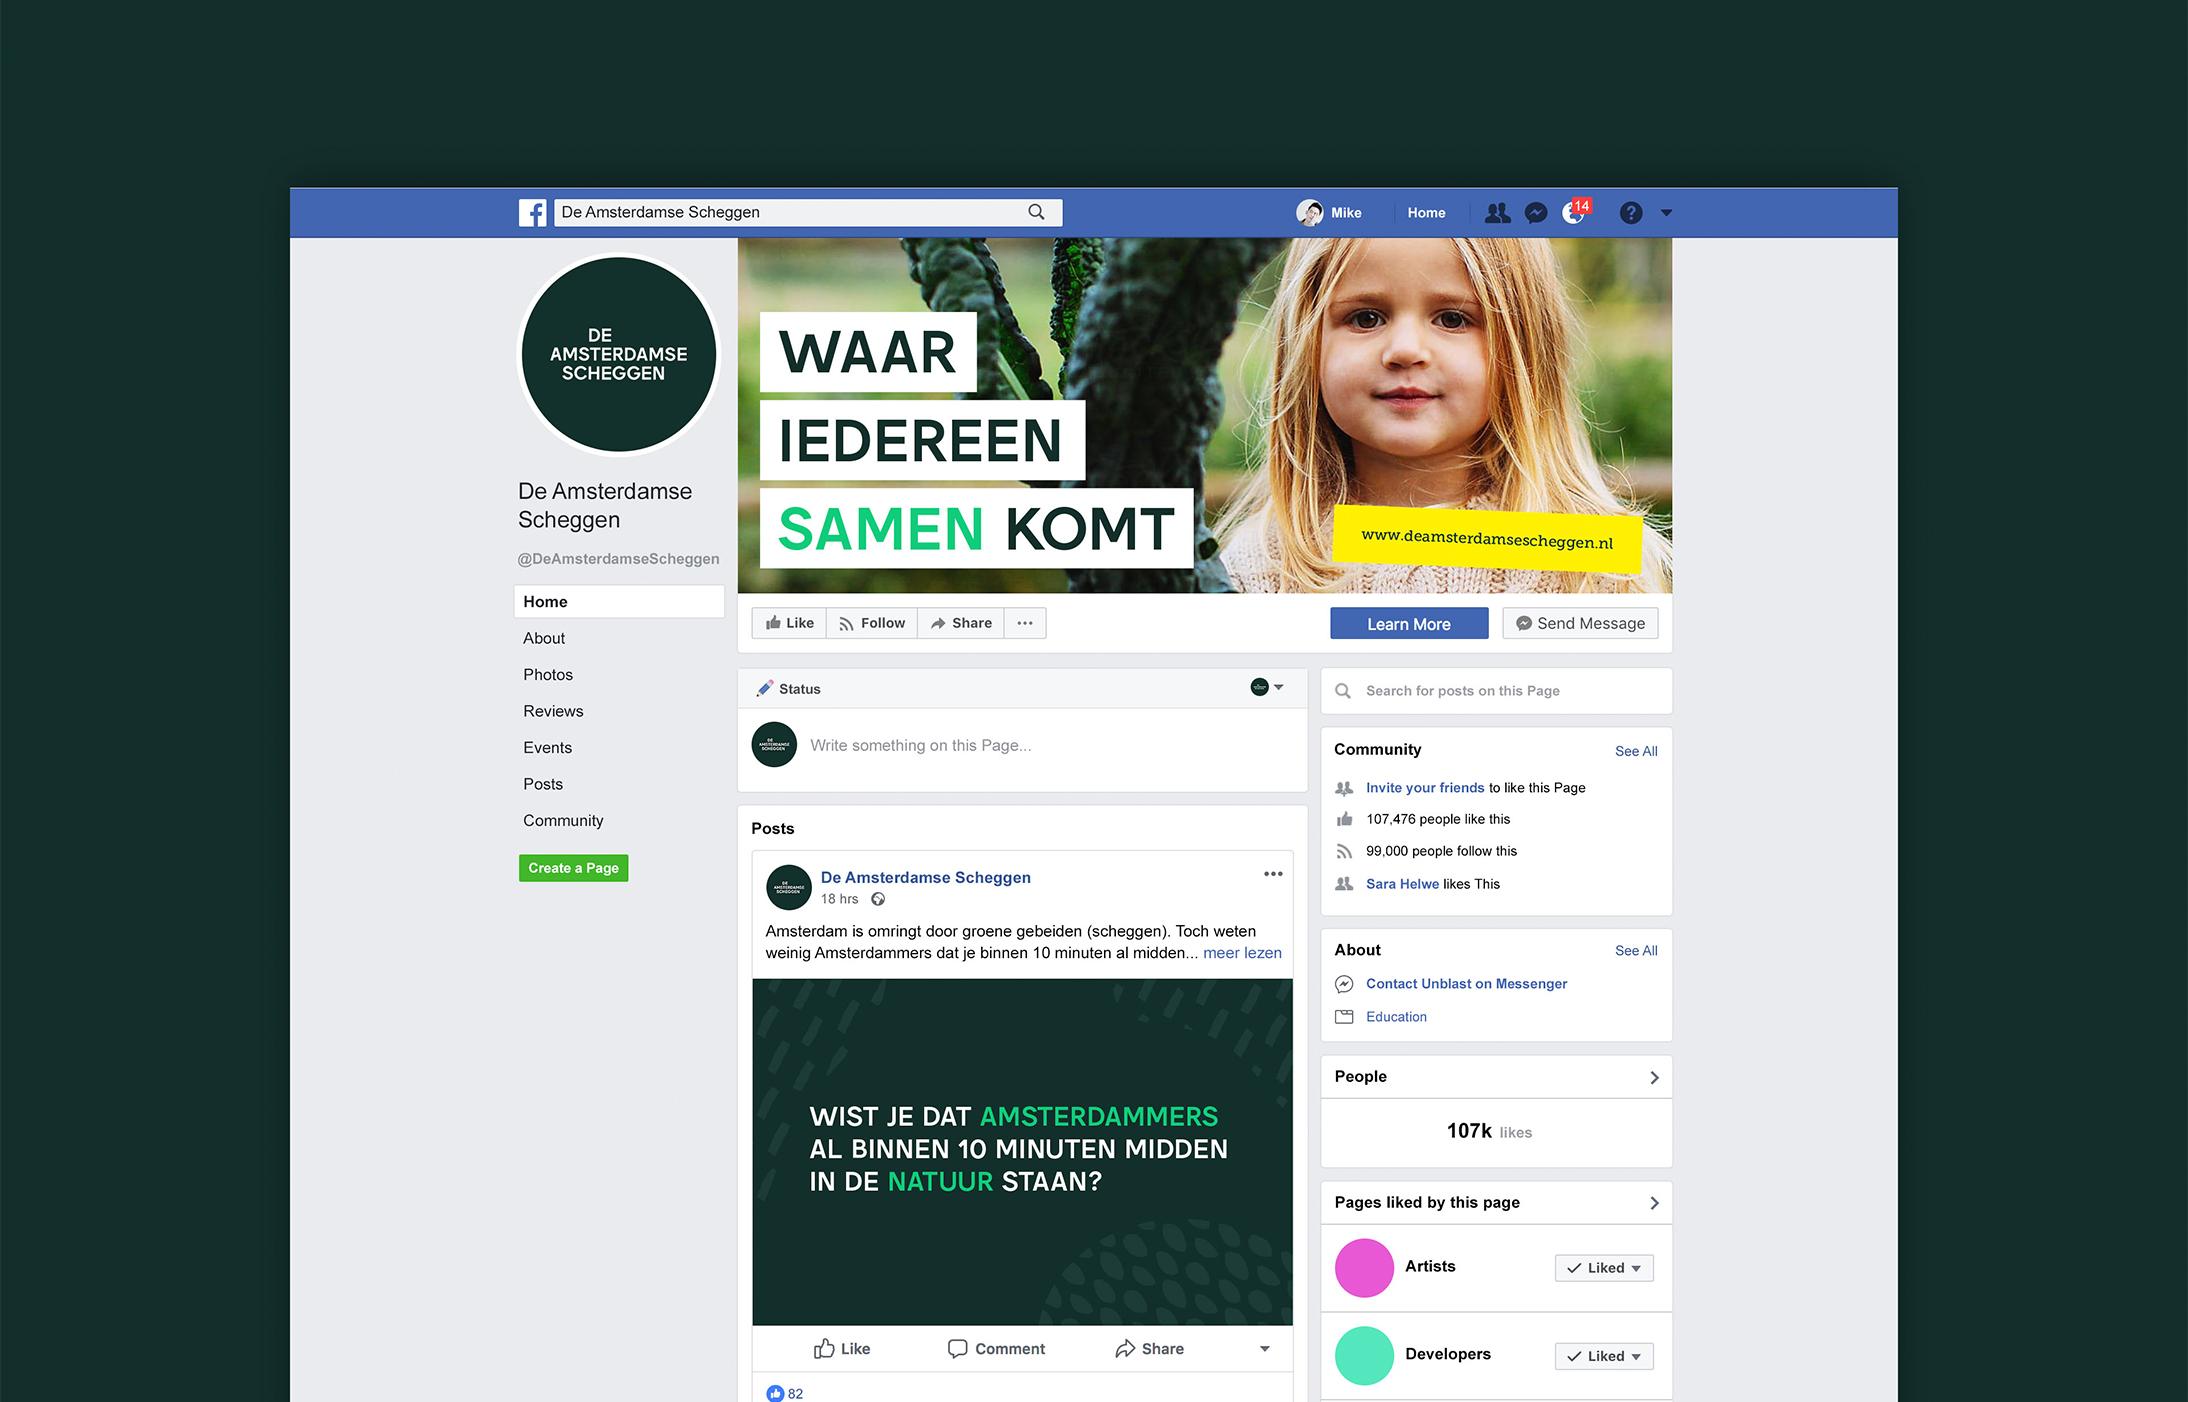 DeAmsterdamseScheggen_7